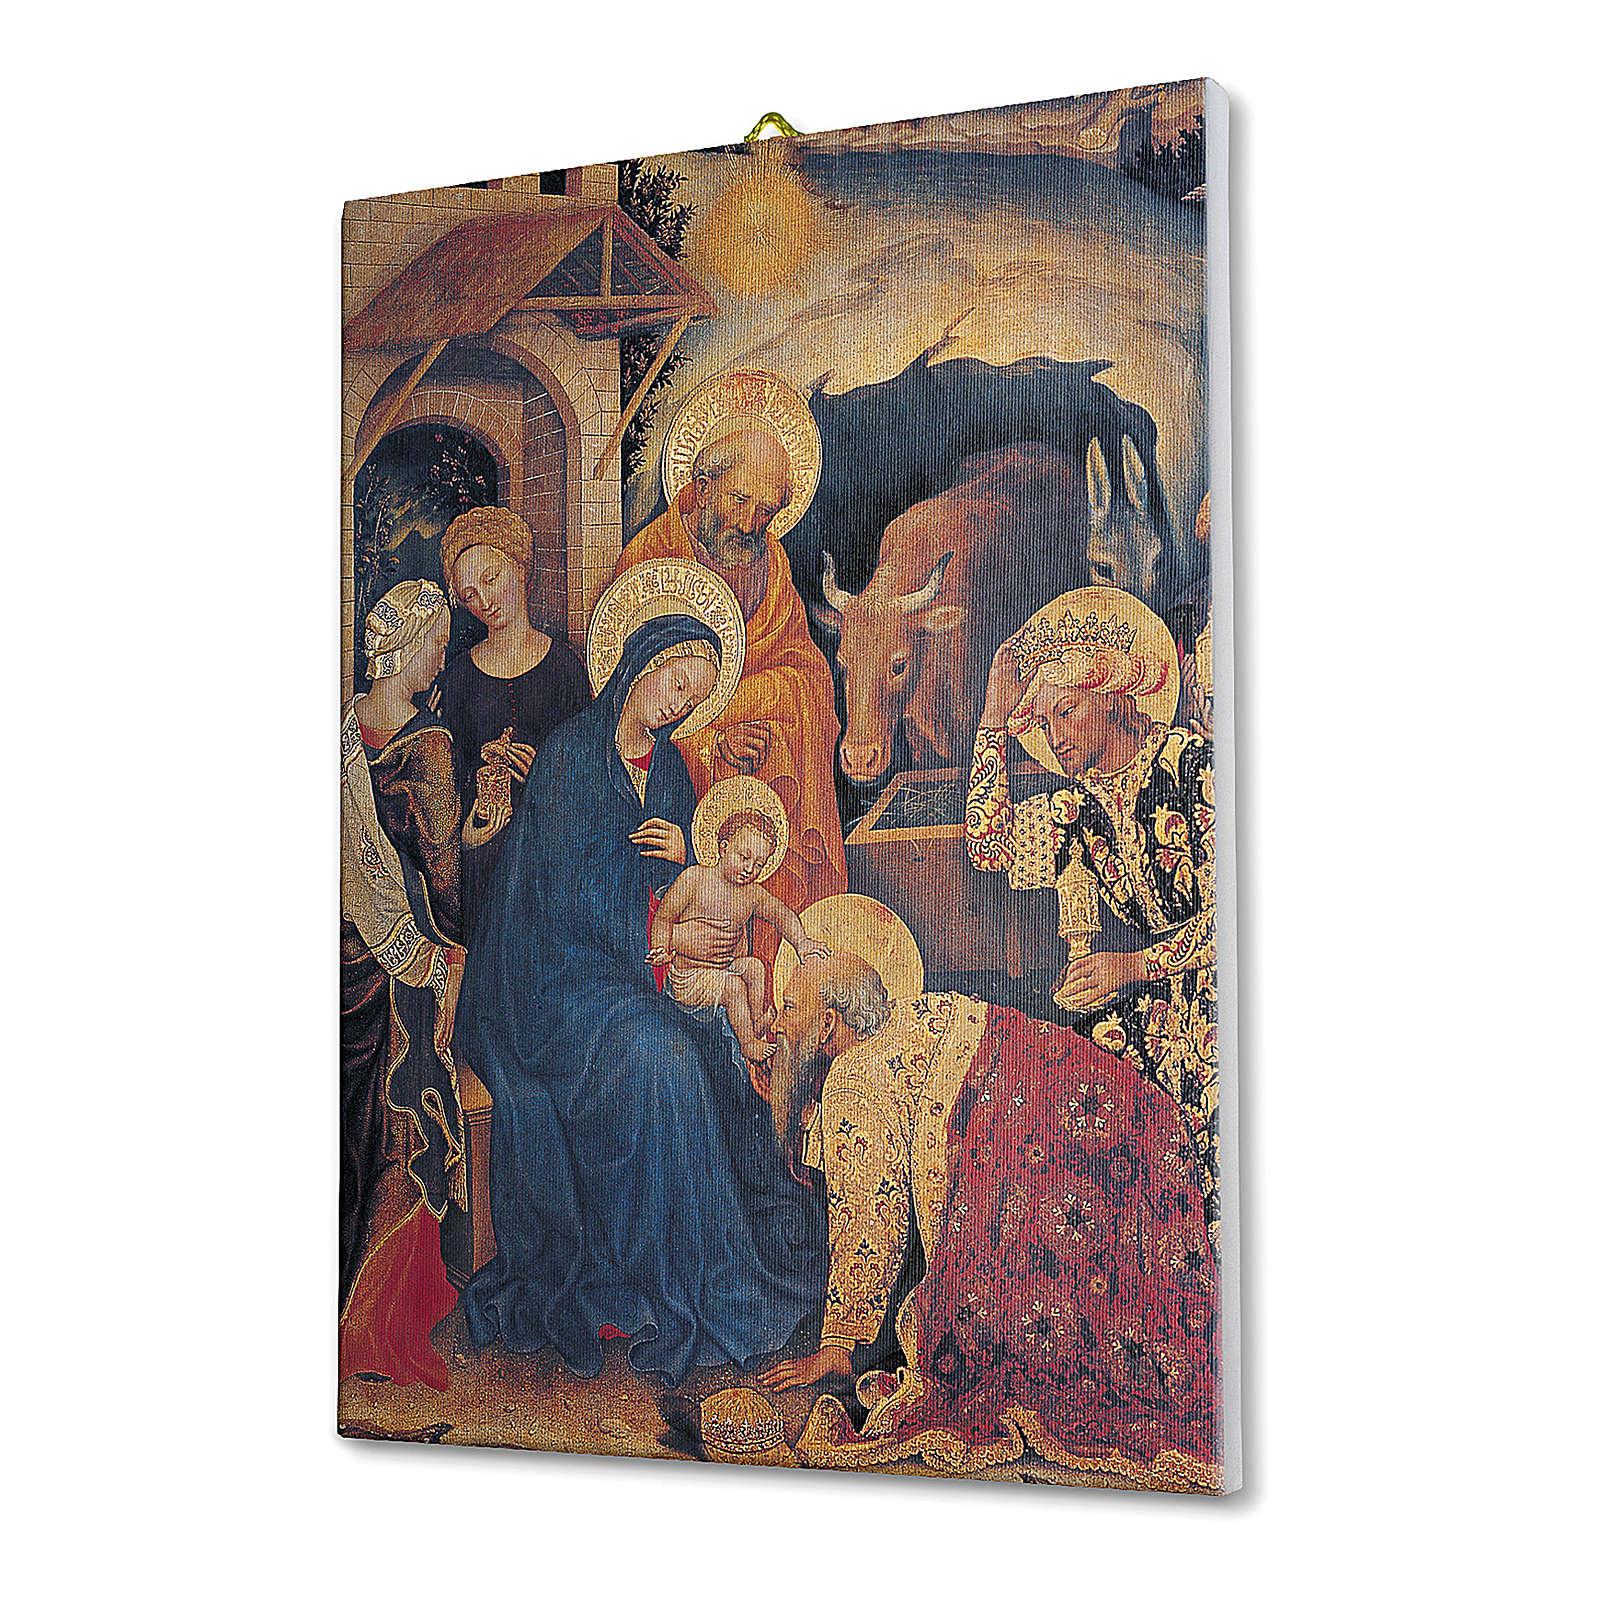 Cuadro sobre tela pictórica Adoración Magos de Gentile da Fabriano 25x20 cm 3